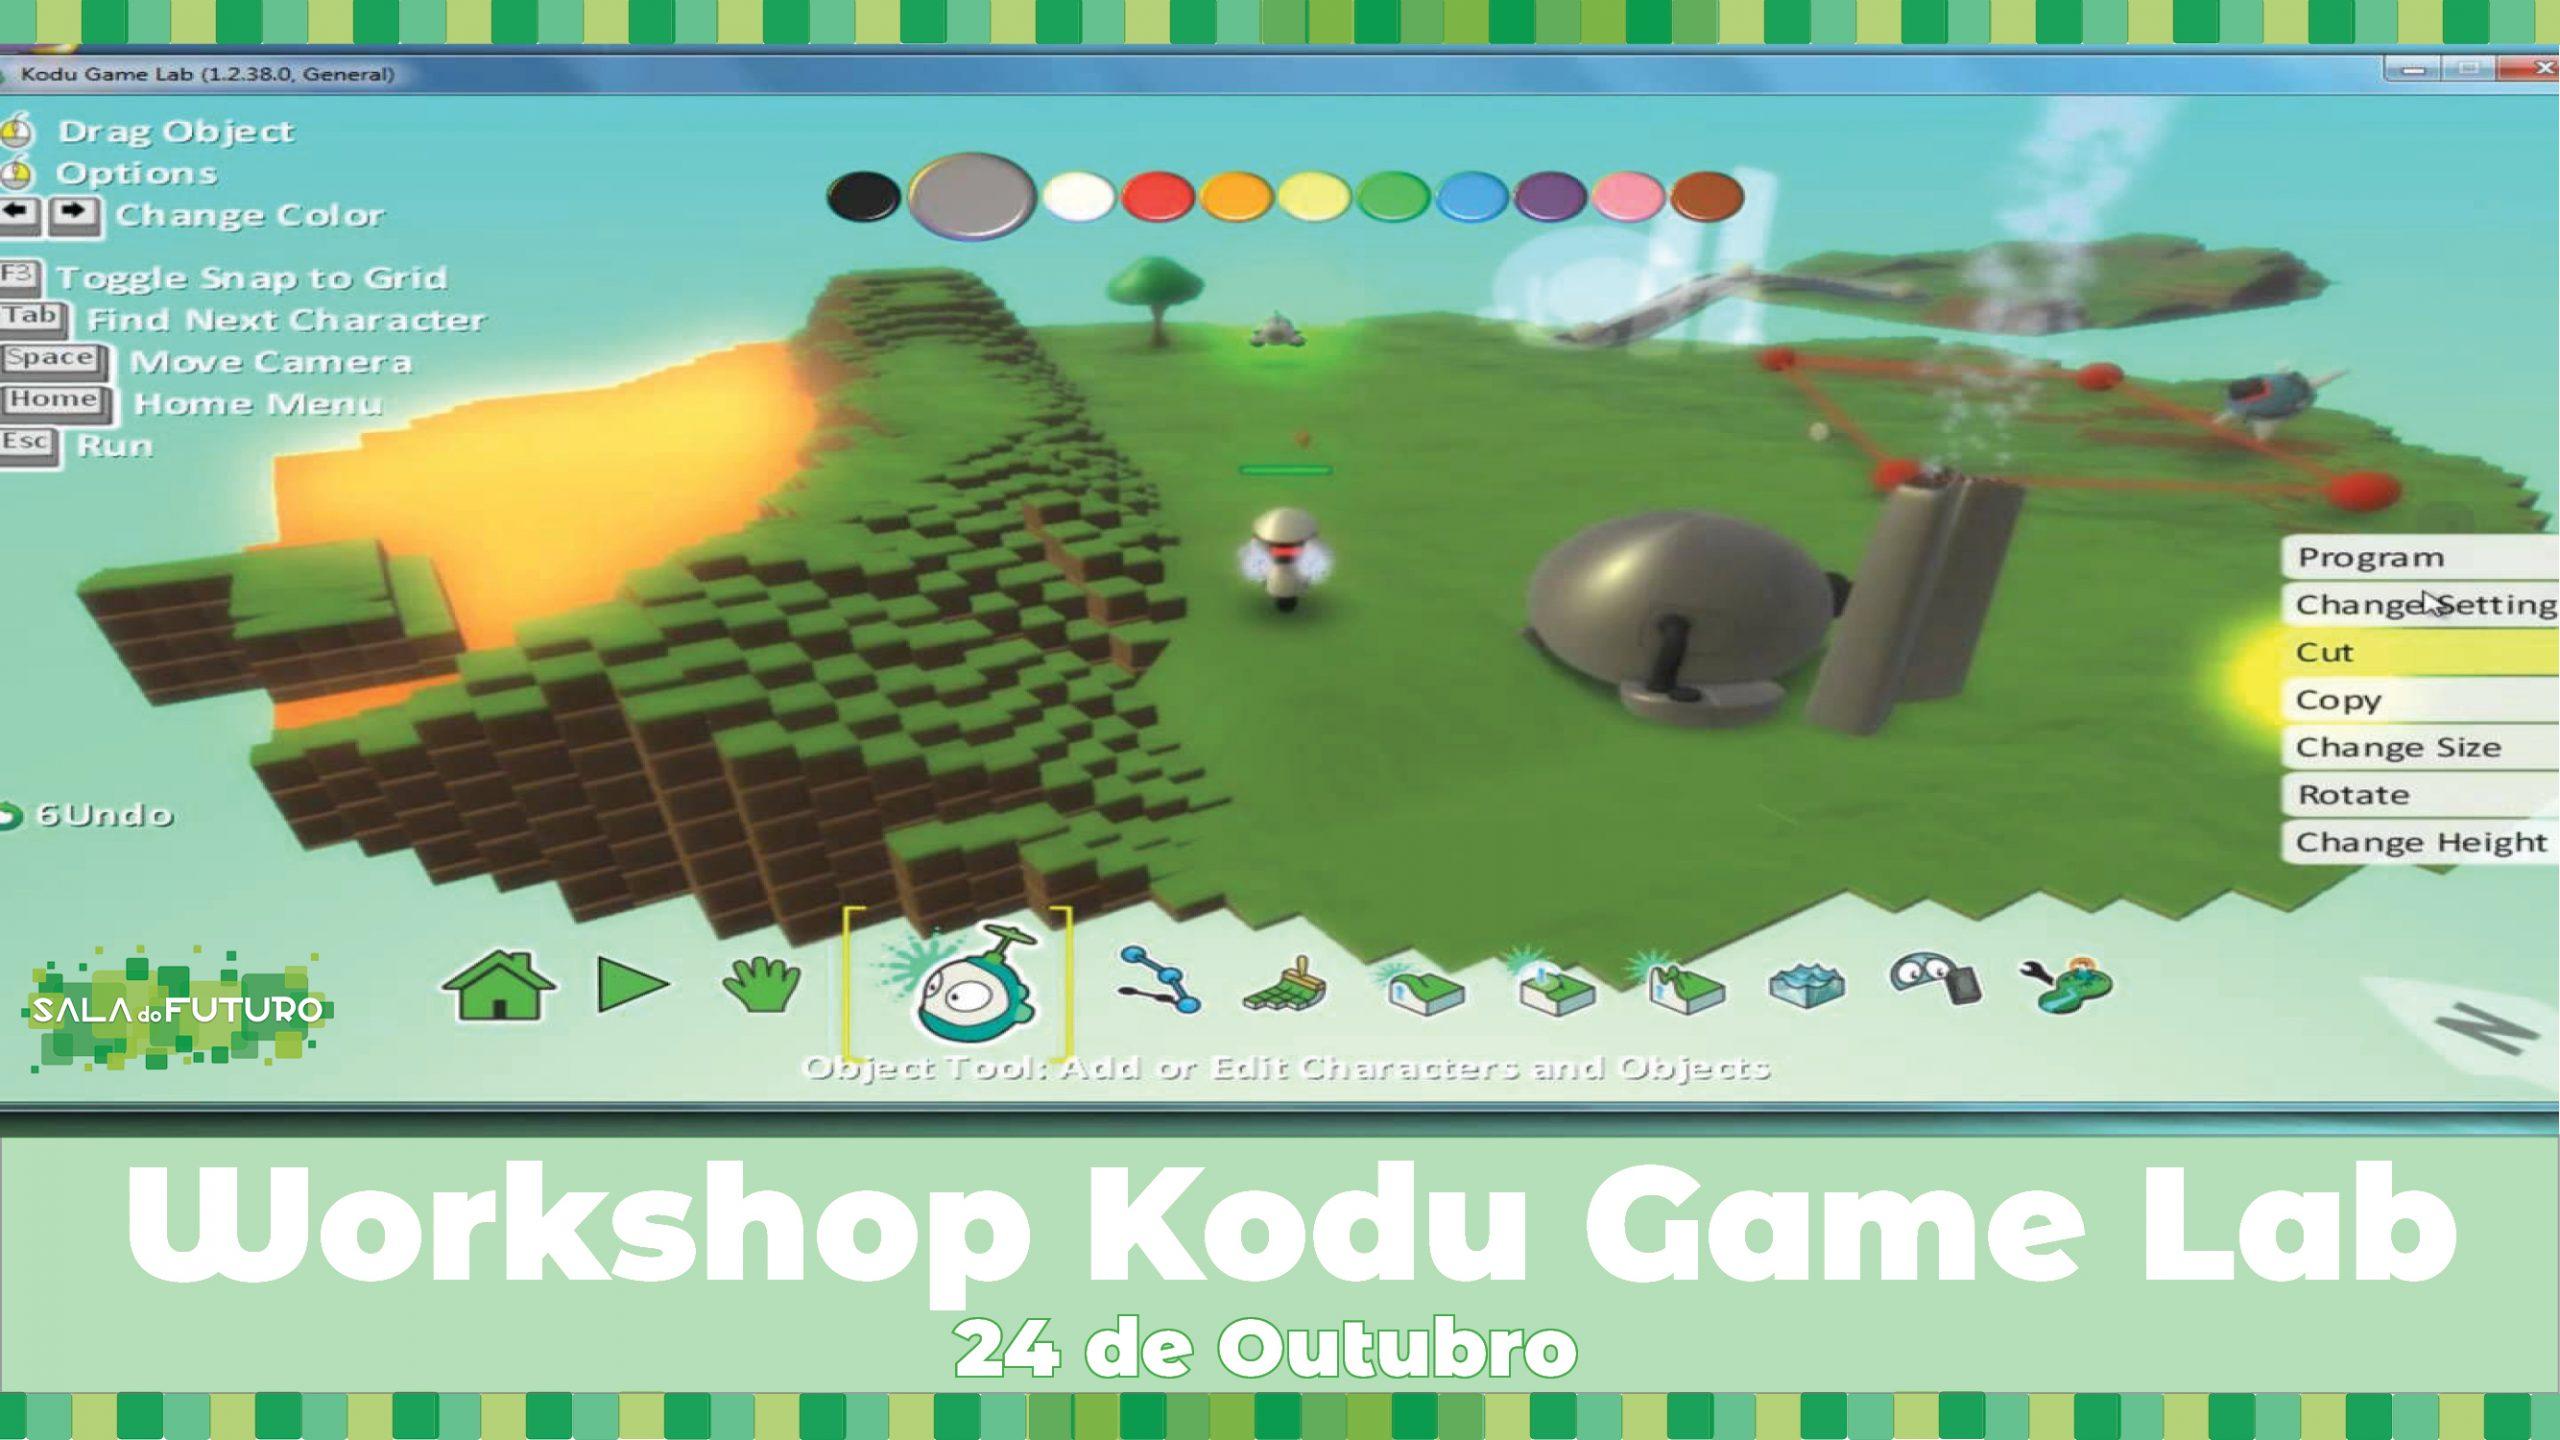 Workshop: Kodu Game Lab